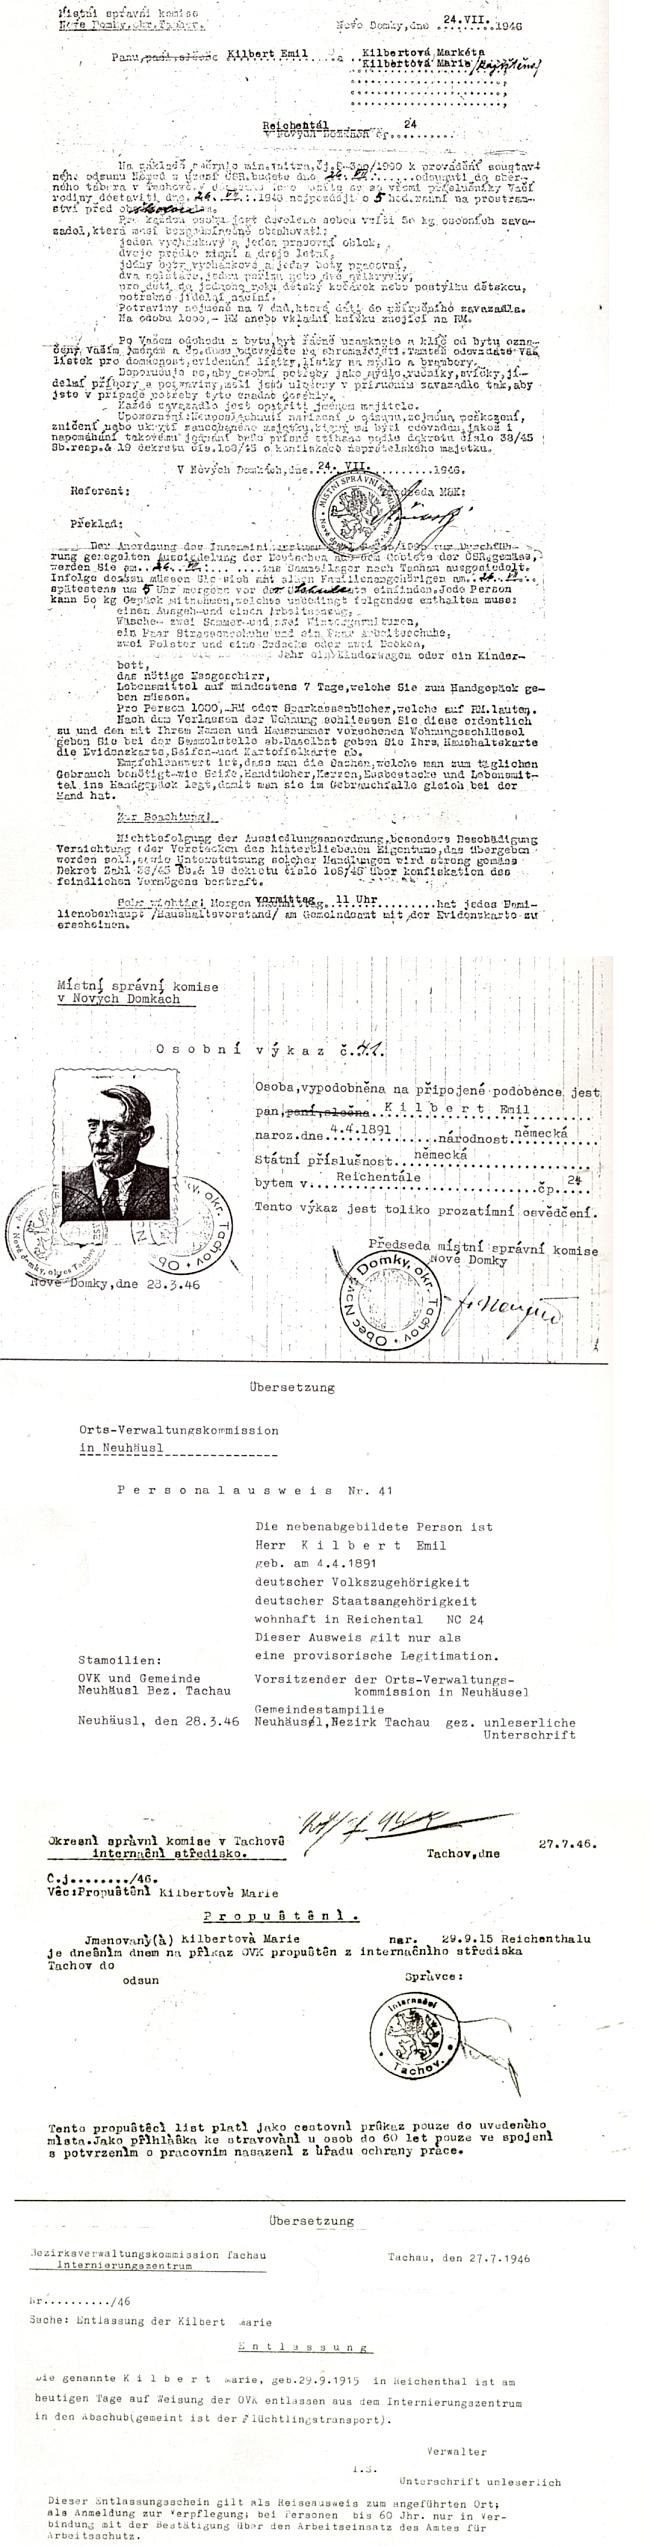 Otto Kilbert poskytl autorovi knihy o vyhnání z okresu Tachov tyto dokumenty otce Emila a sestry Marie